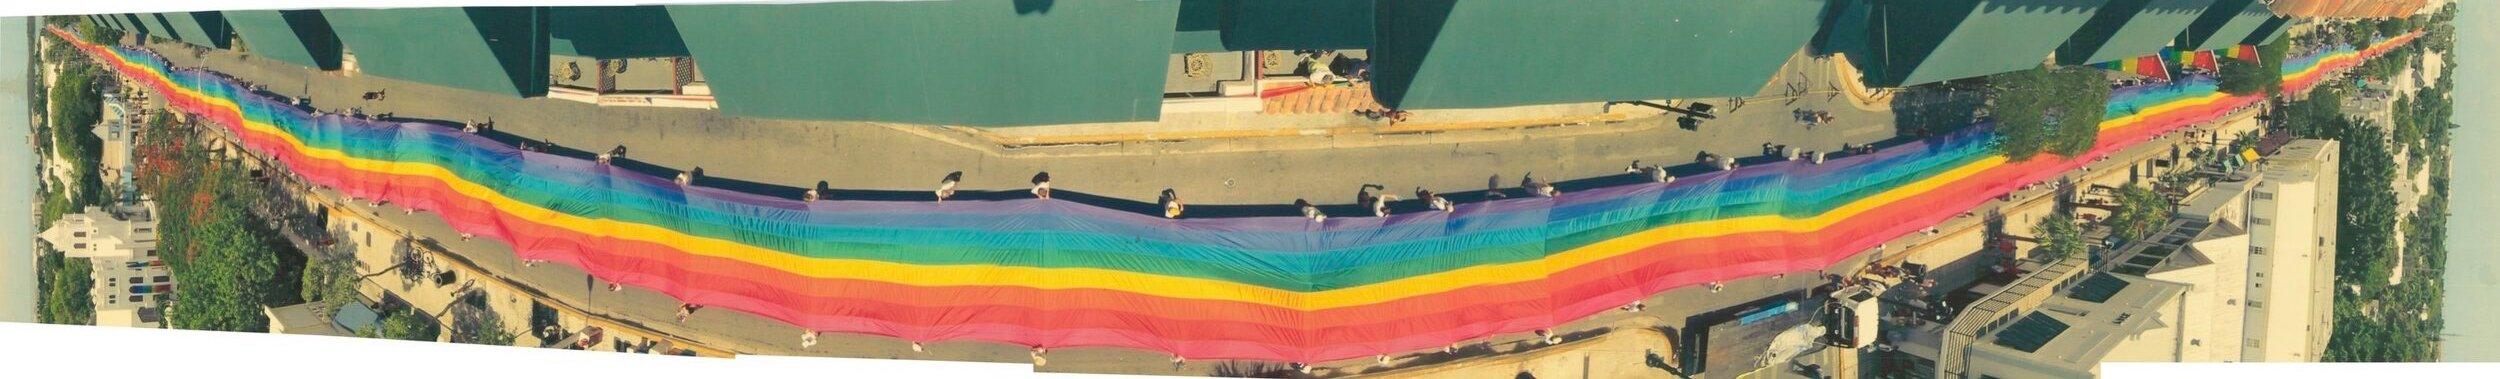 bandera arcoíris larga